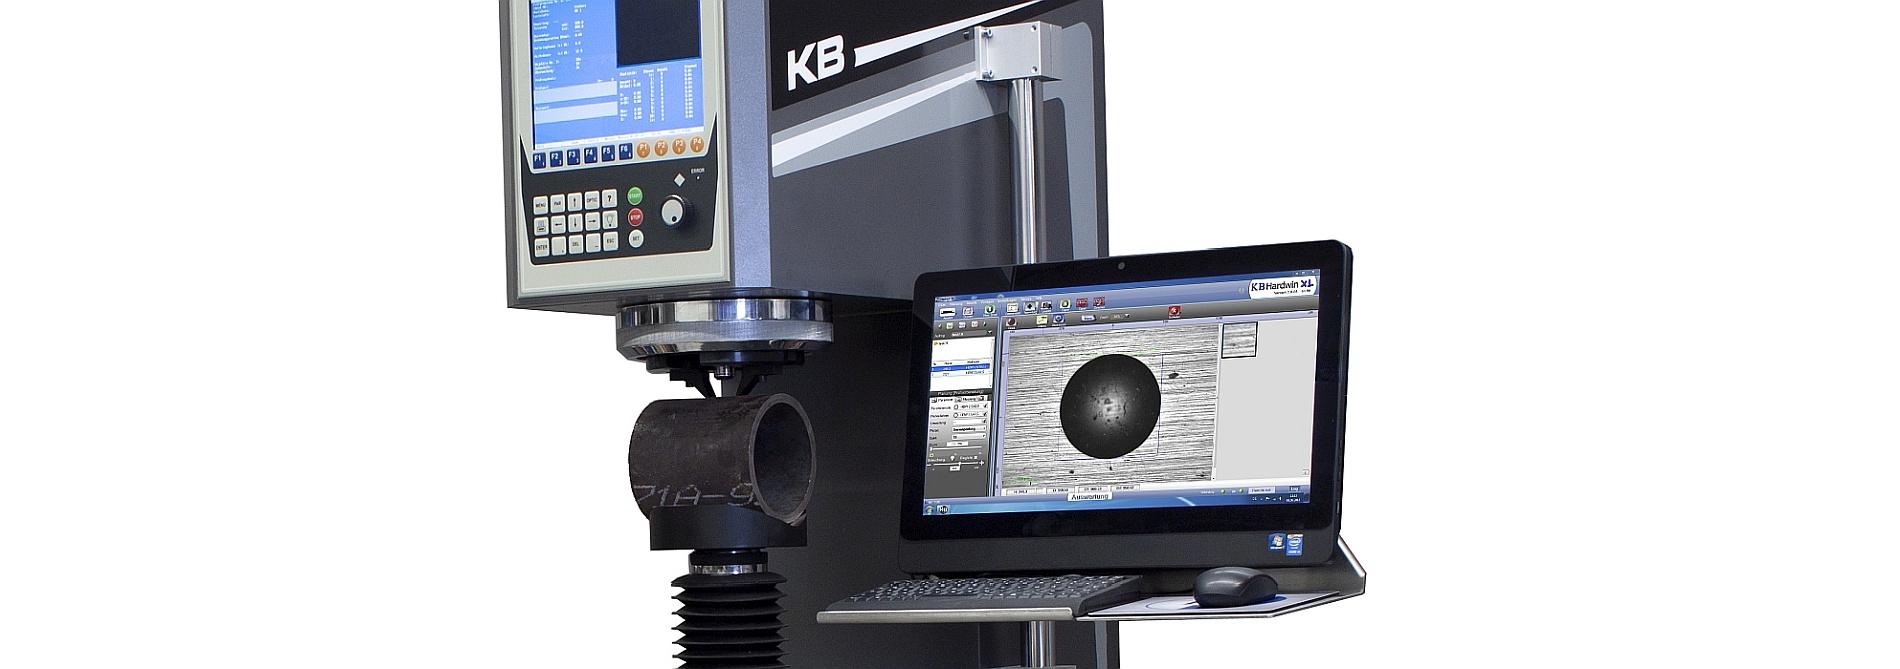 KB Prüftechnik GmbH uređaji za mjerenje tvrdoće